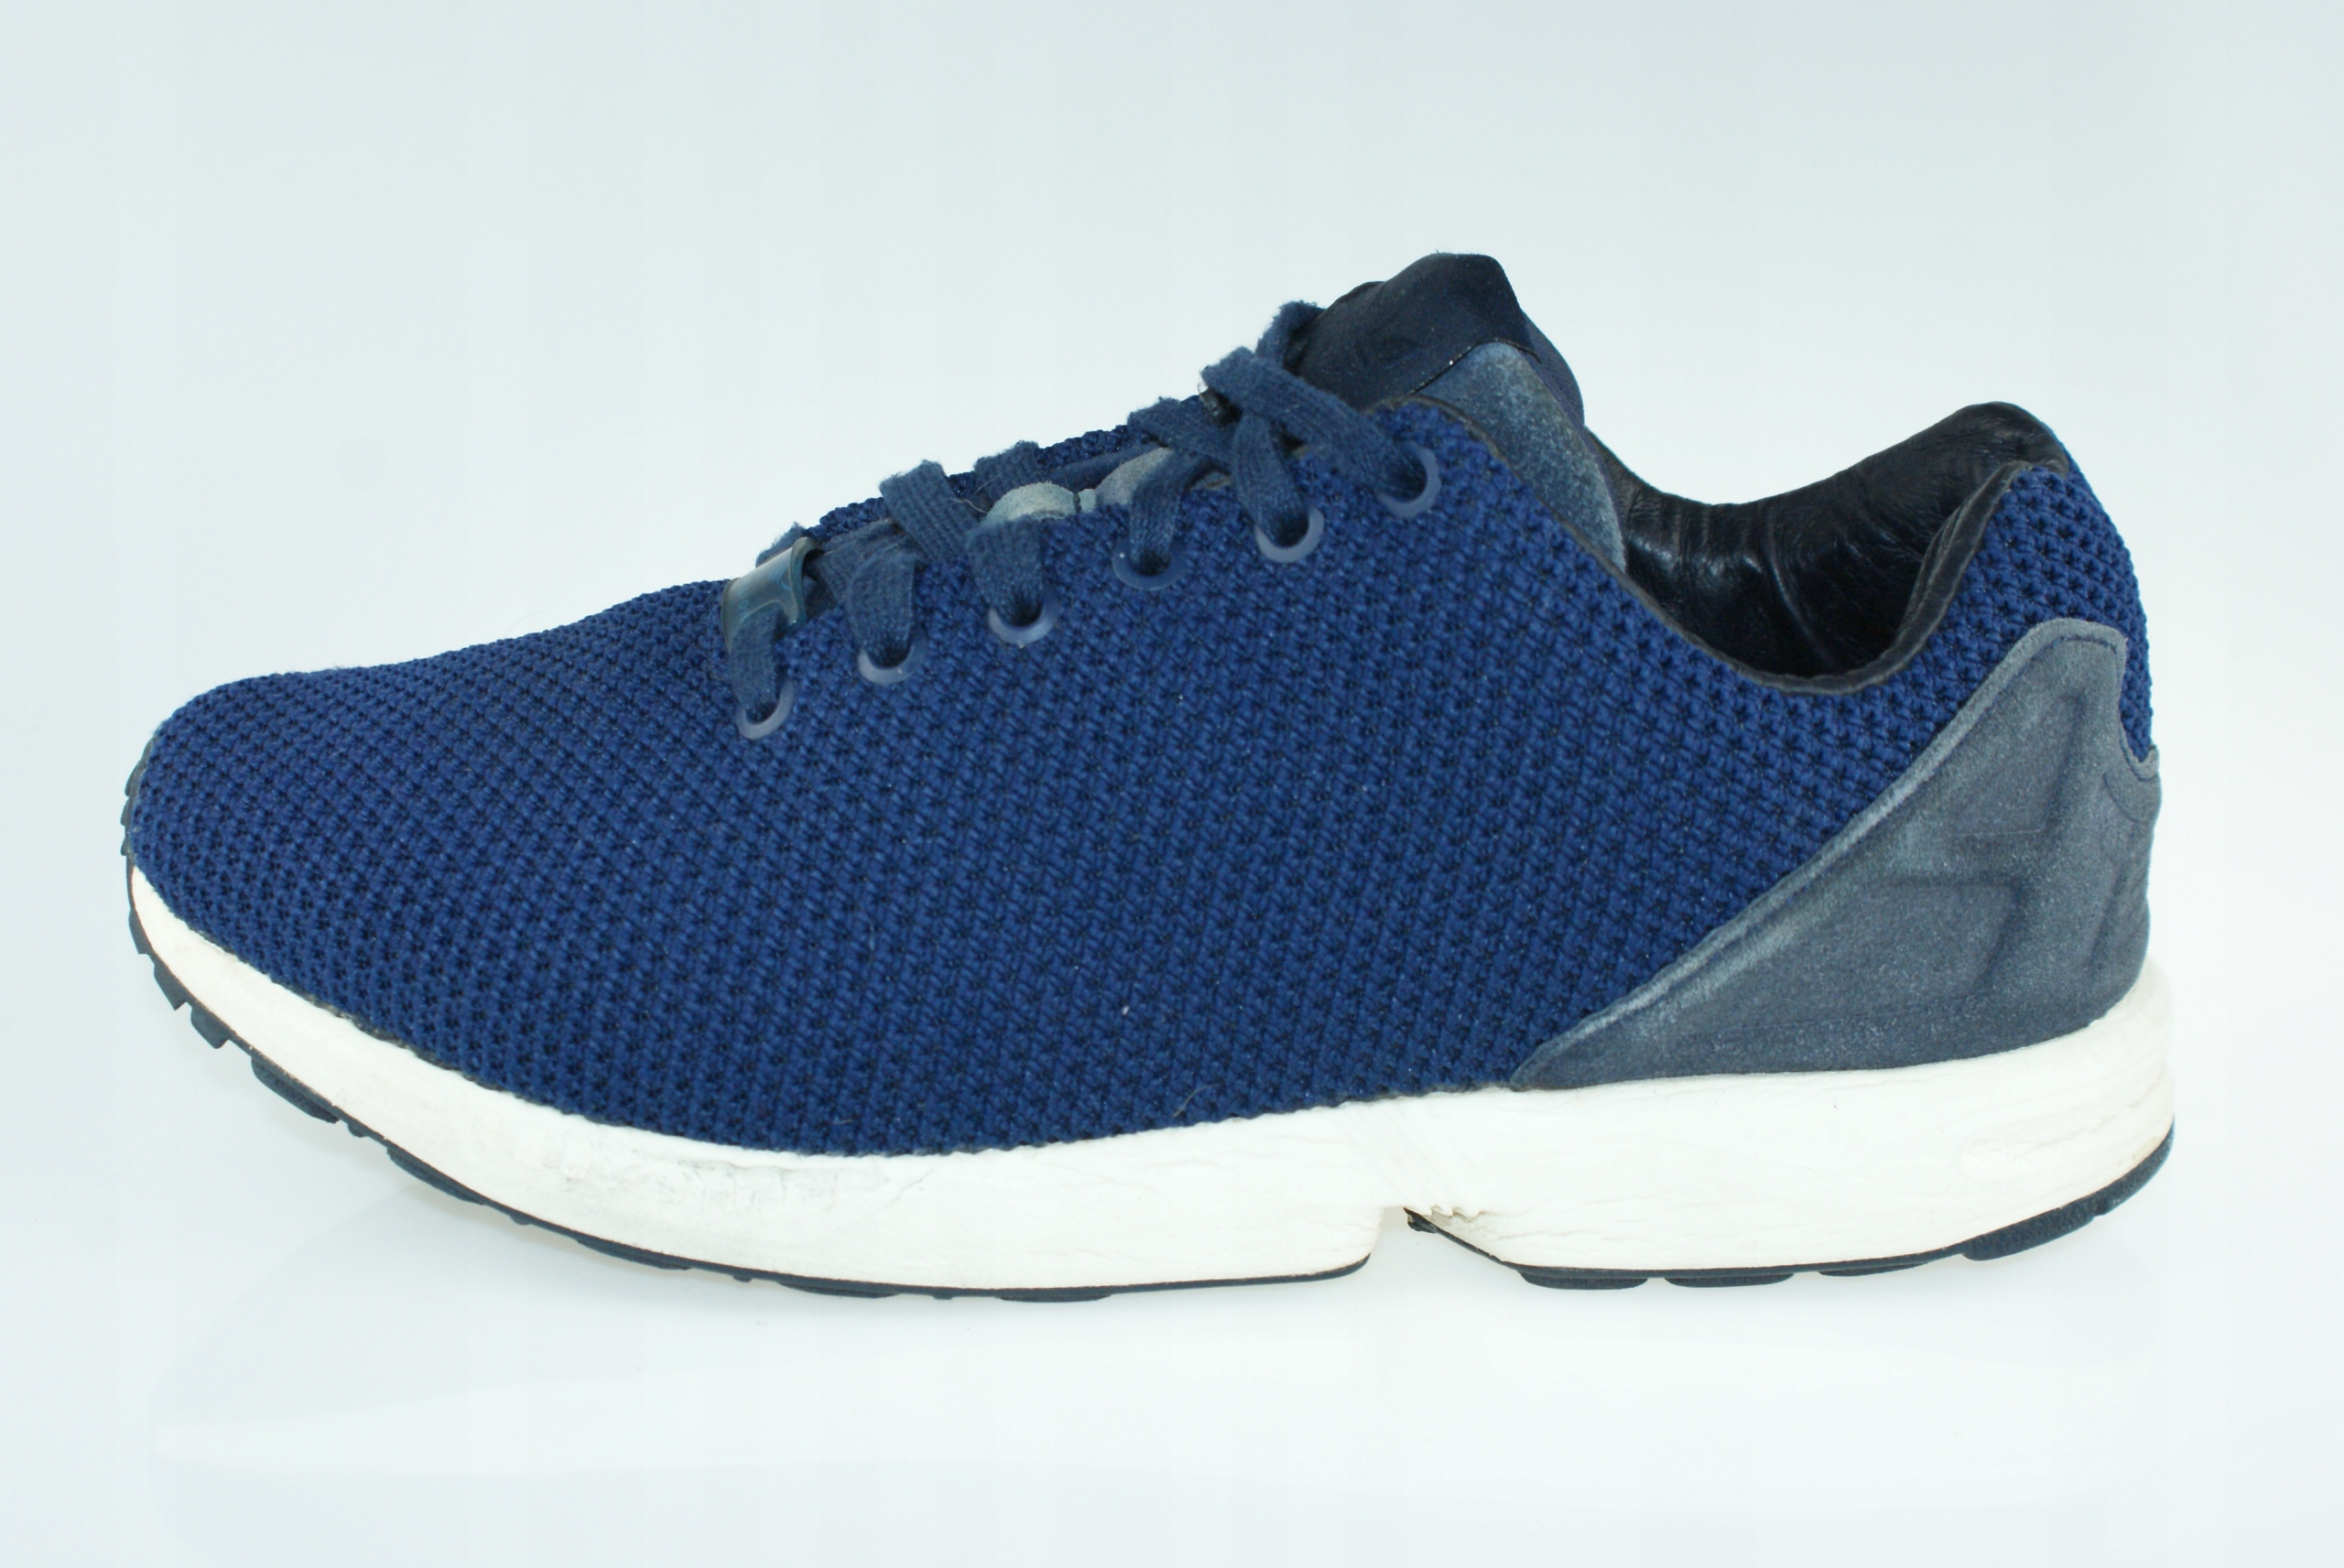 Buty męskie Adidas Zx Flux B34503 r.42 47 Białe Zdjęcie na